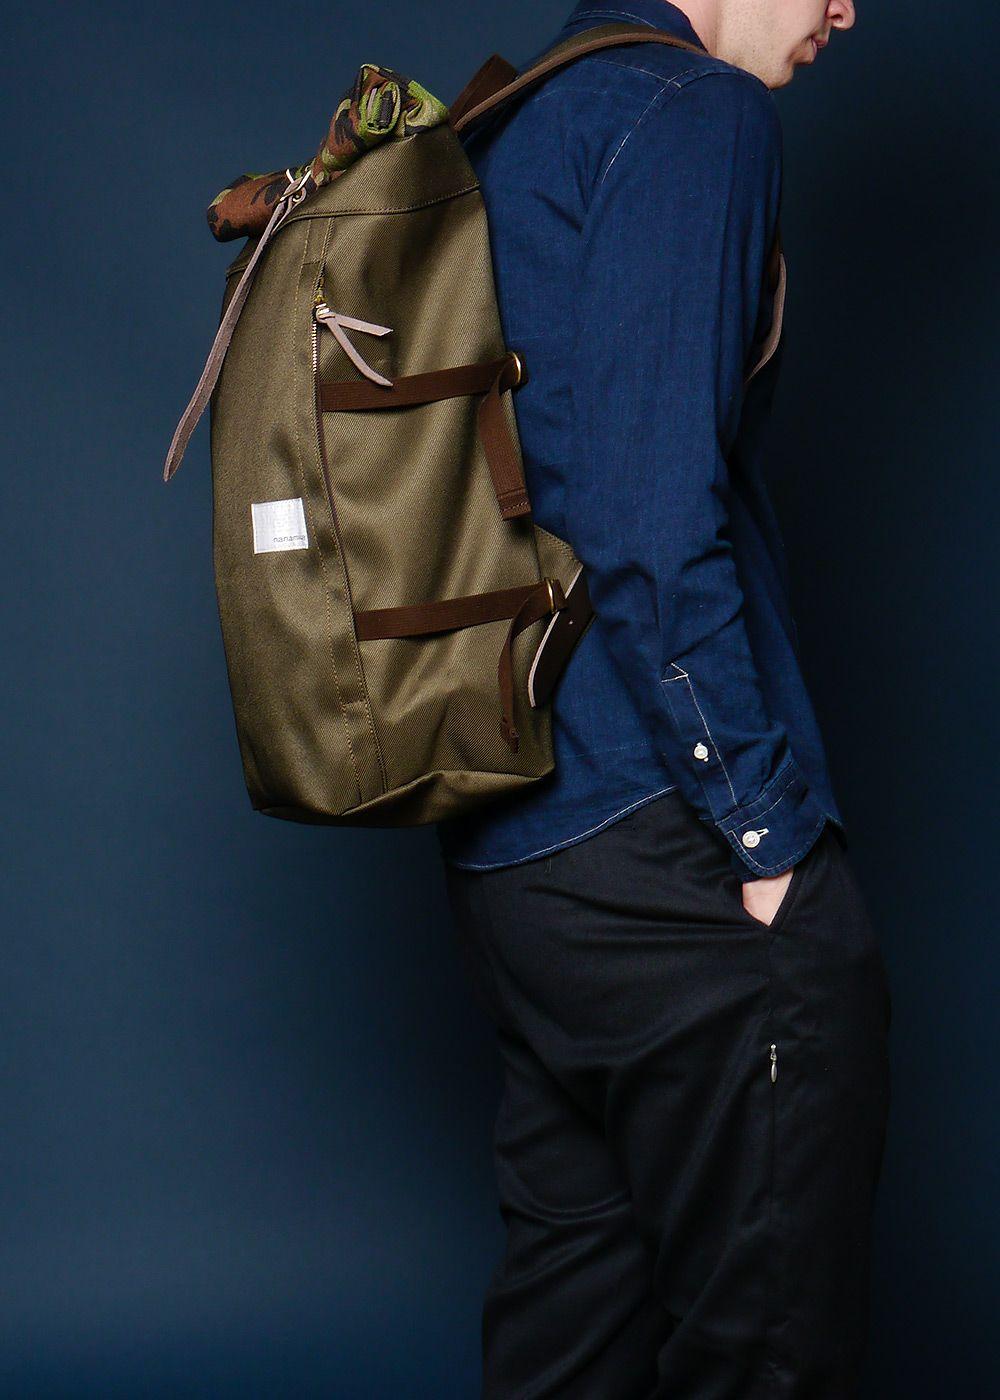 stylehype 20 of the best streetwear menswear looks to get you